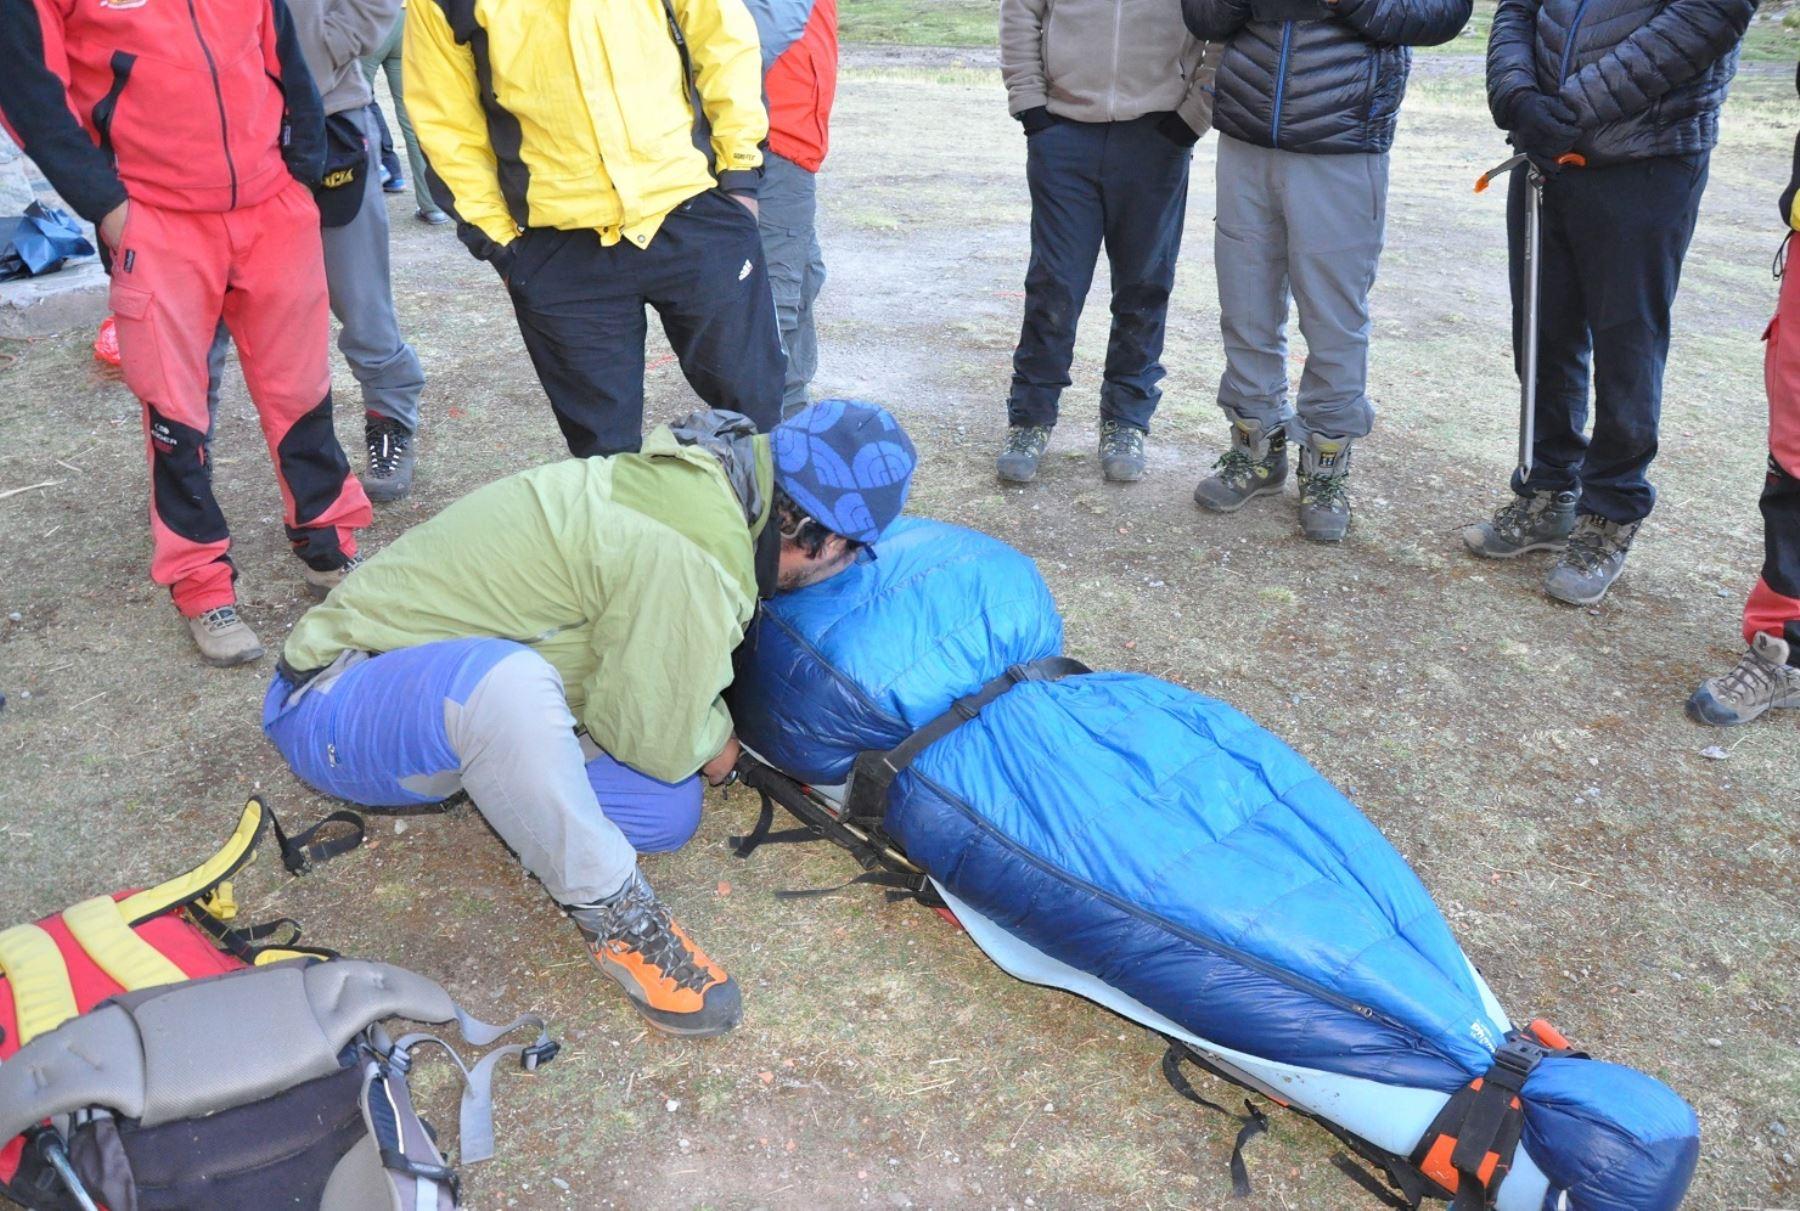 Se trata de los montañistas extranjeros Samuel Paúl Richard Blelock de Gran Bretaña, Eva Zontar Litija de Eslovenia y el guía peruano Jaime Quintana Figueroa, quienes fueron sepultados por una avalancha cuando trataban de coronar el nevado Alpamayo. ANDINA/Difusión